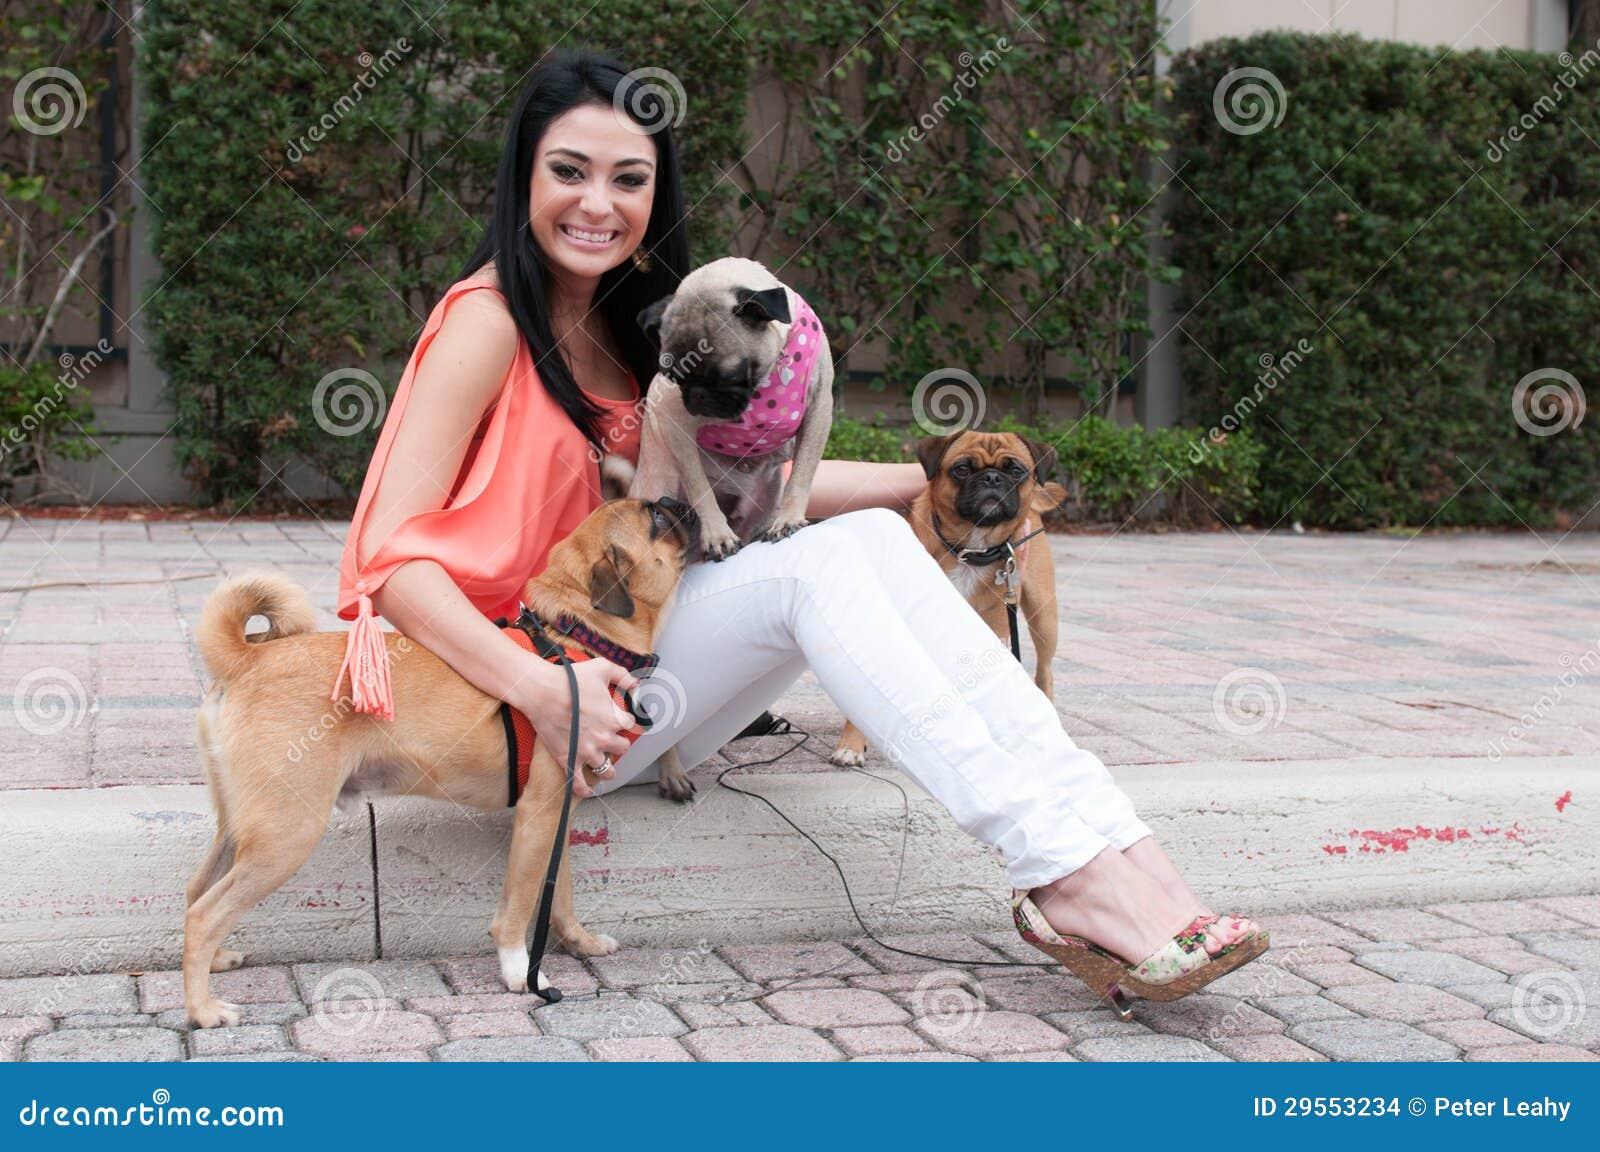 女子与狗交小�_欧美女人让狗搞-优酷图库